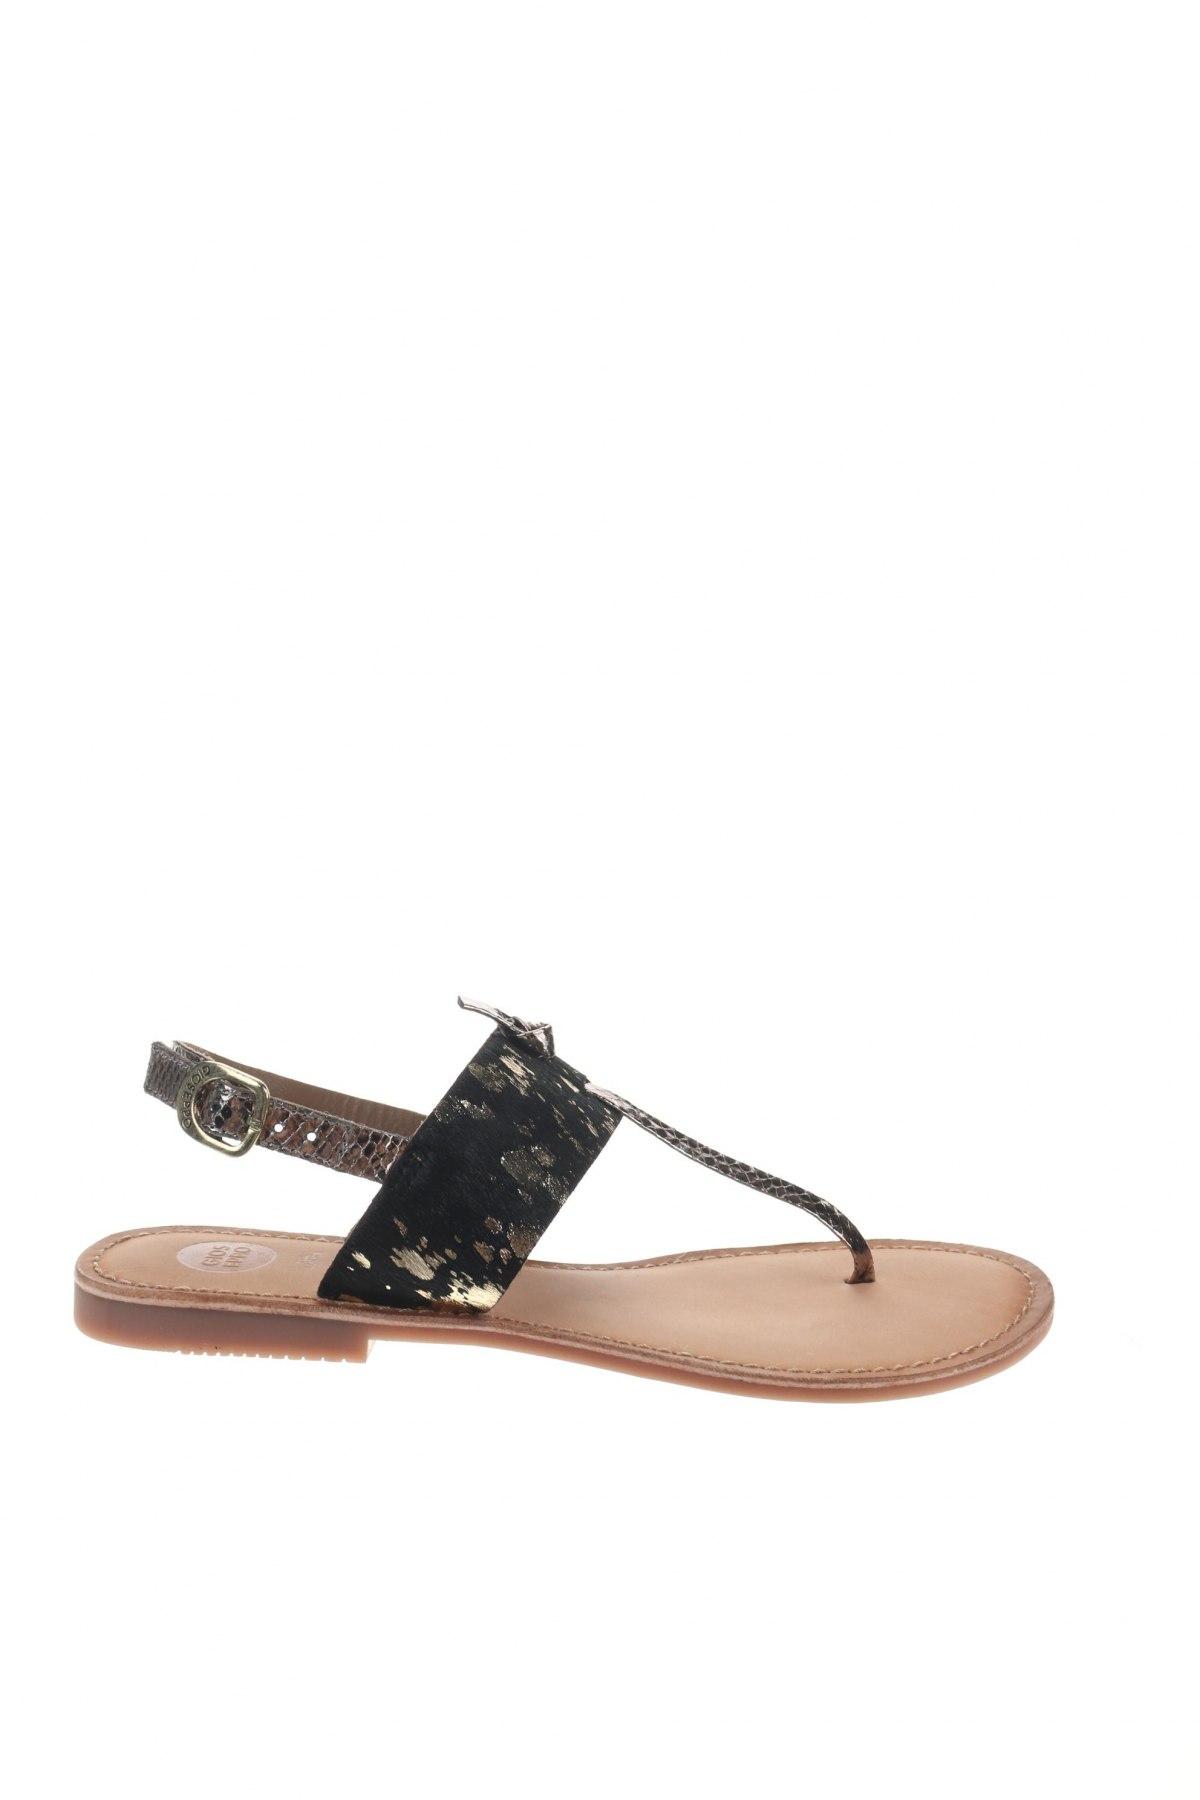 Σανδάλια Gioseppo, Μέγεθος 39, Χρώμα Μαύρο, Γνήσιο δέρμα, φυσική τρίχα, Τιμή 23,82€